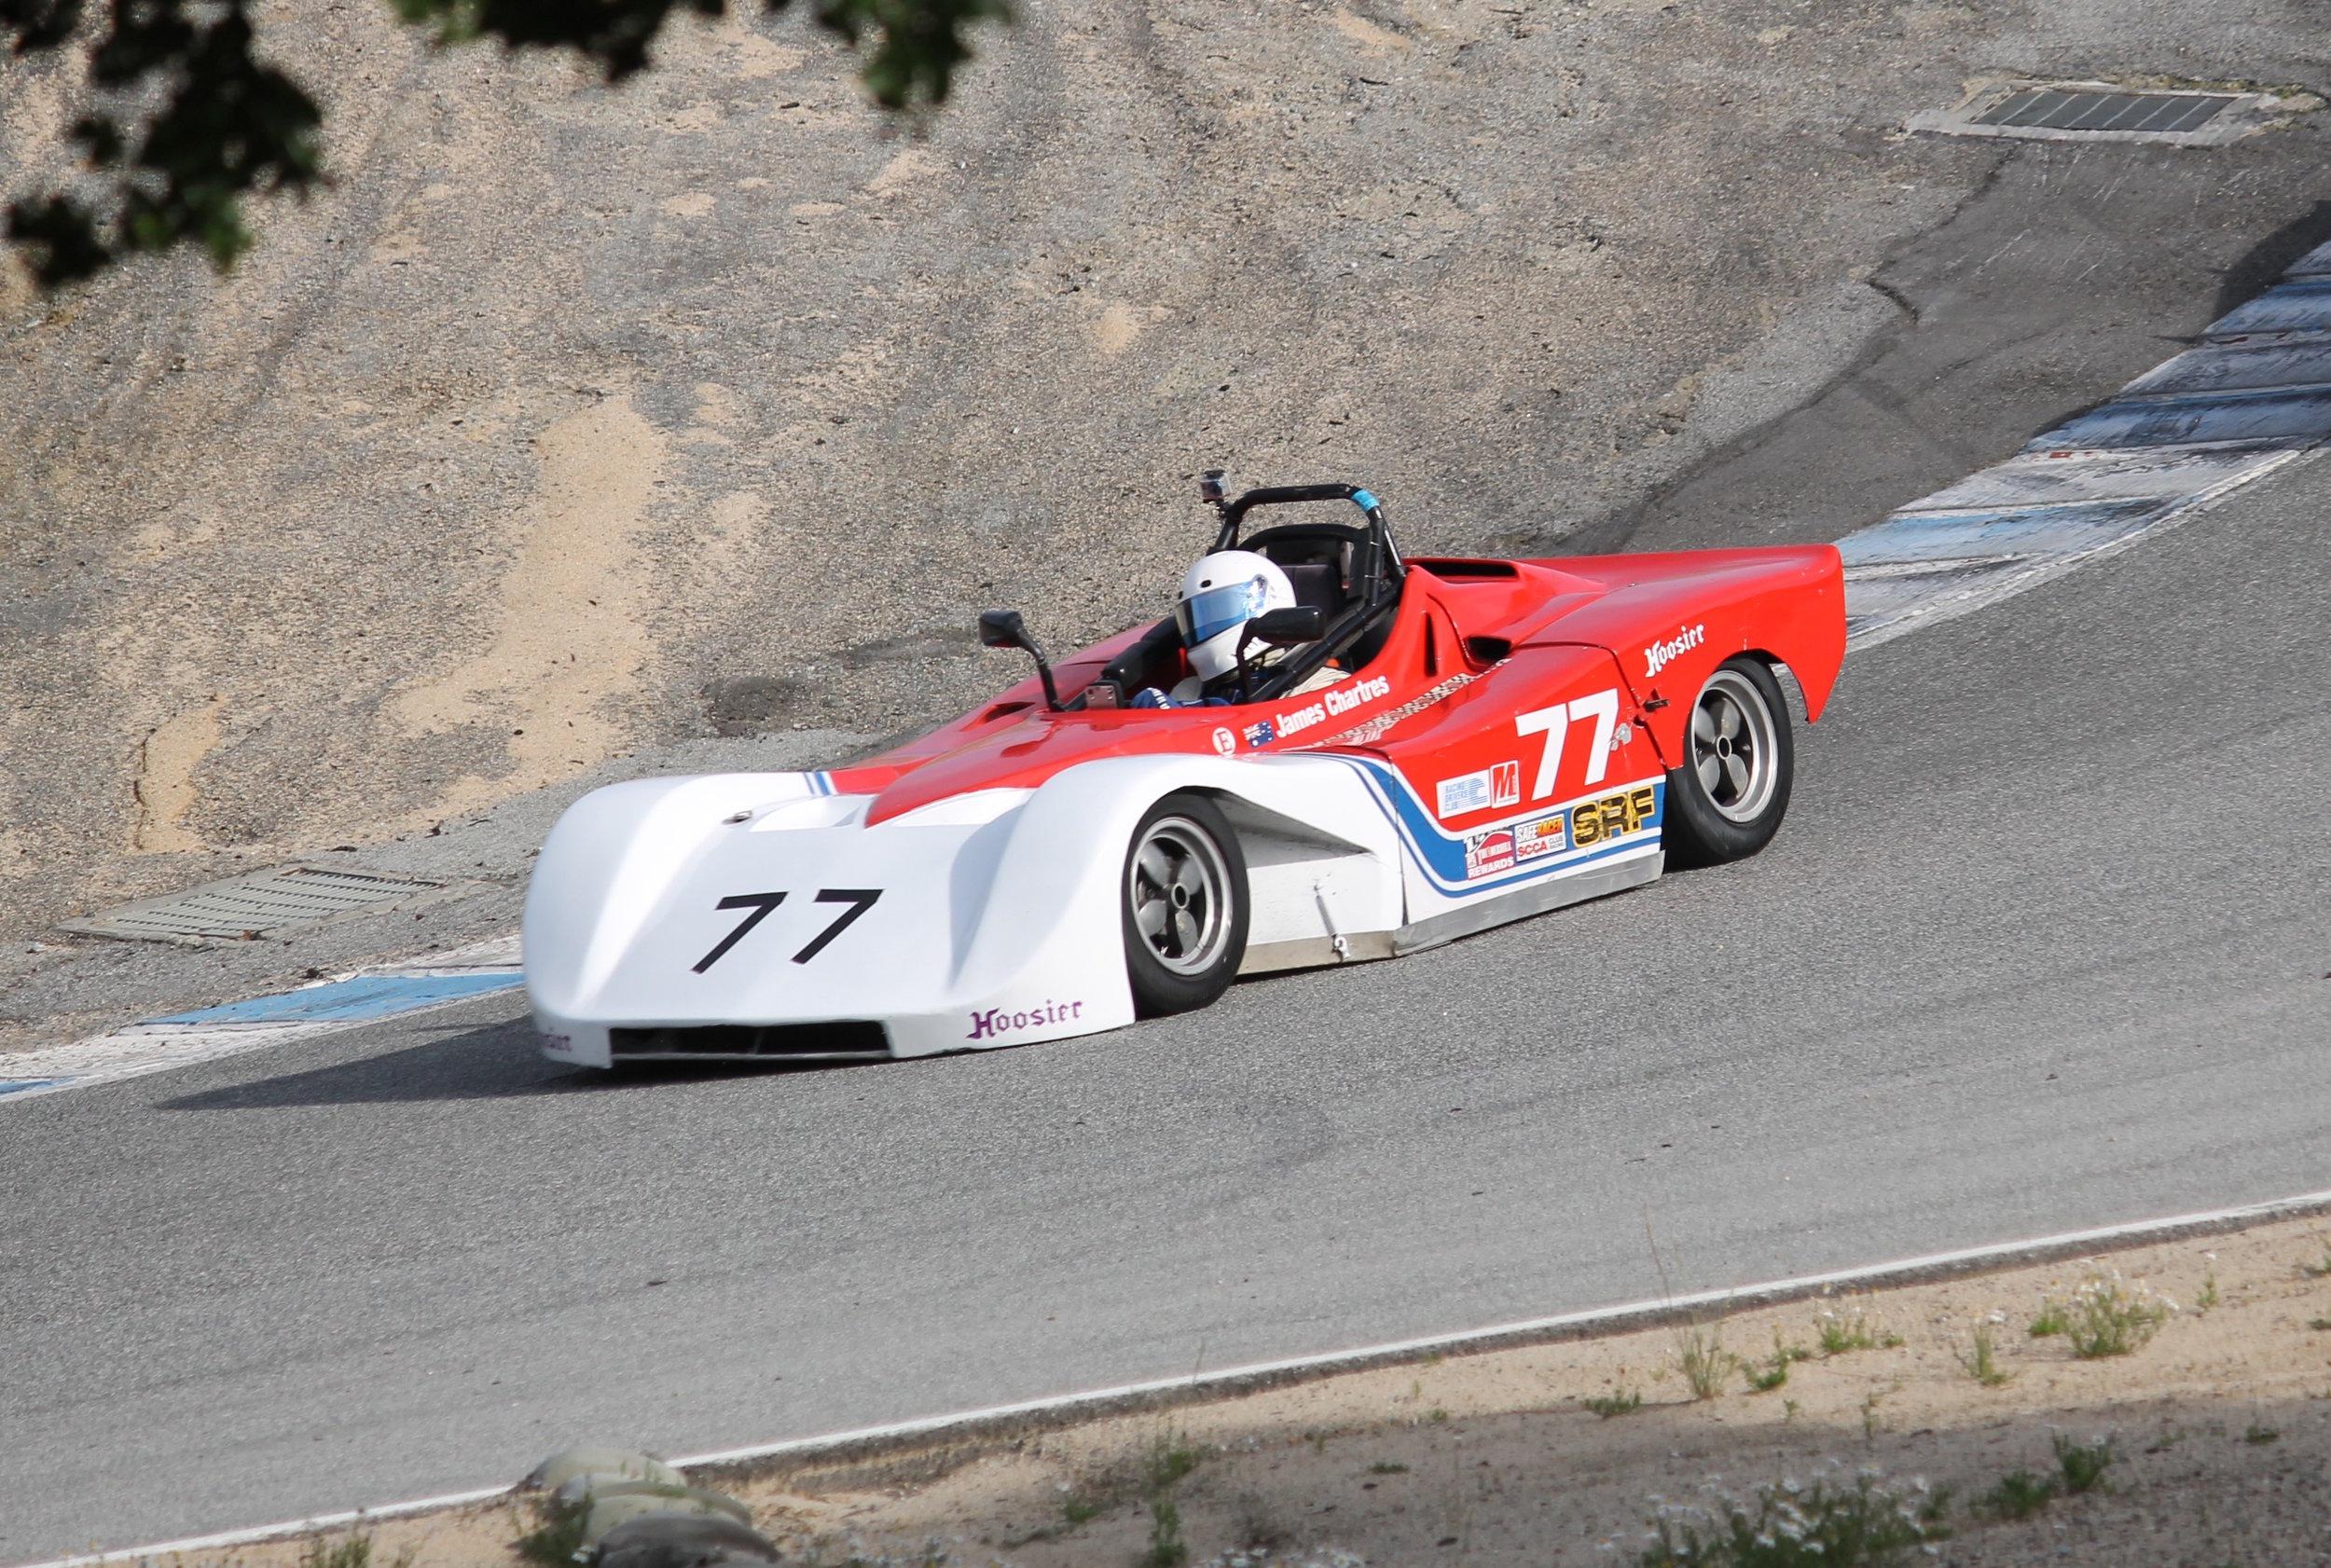 Kanga Motorsports